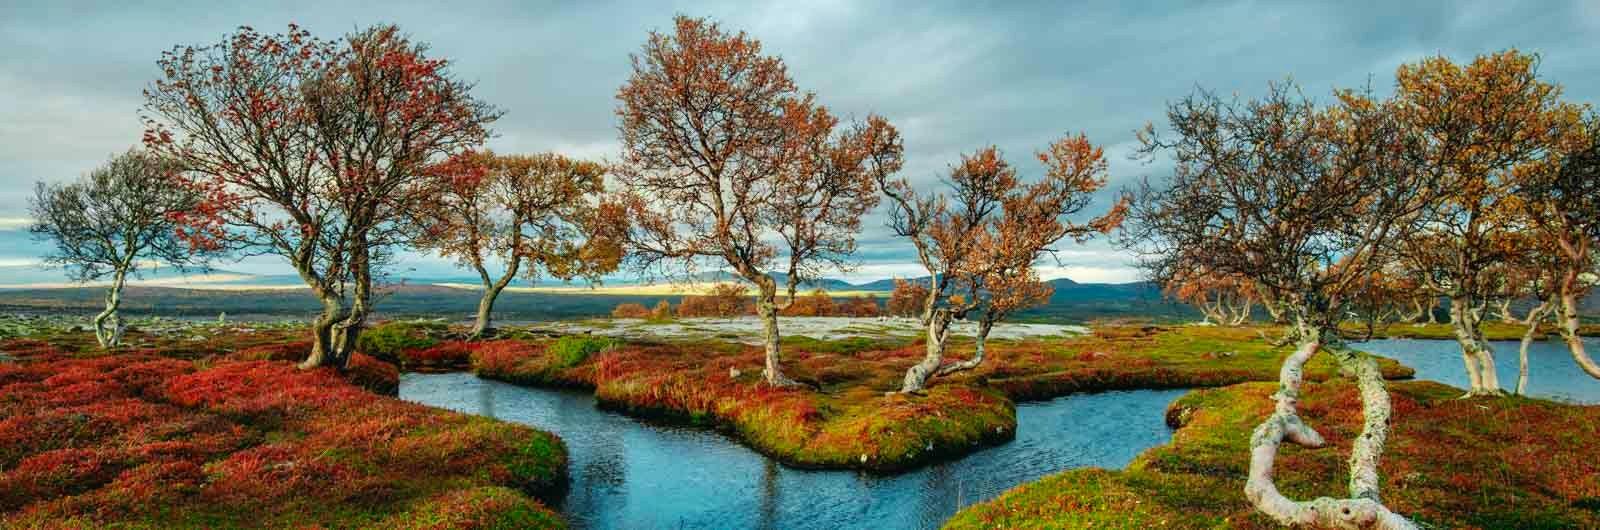 Höstfärgade träd speglar sig i sjö